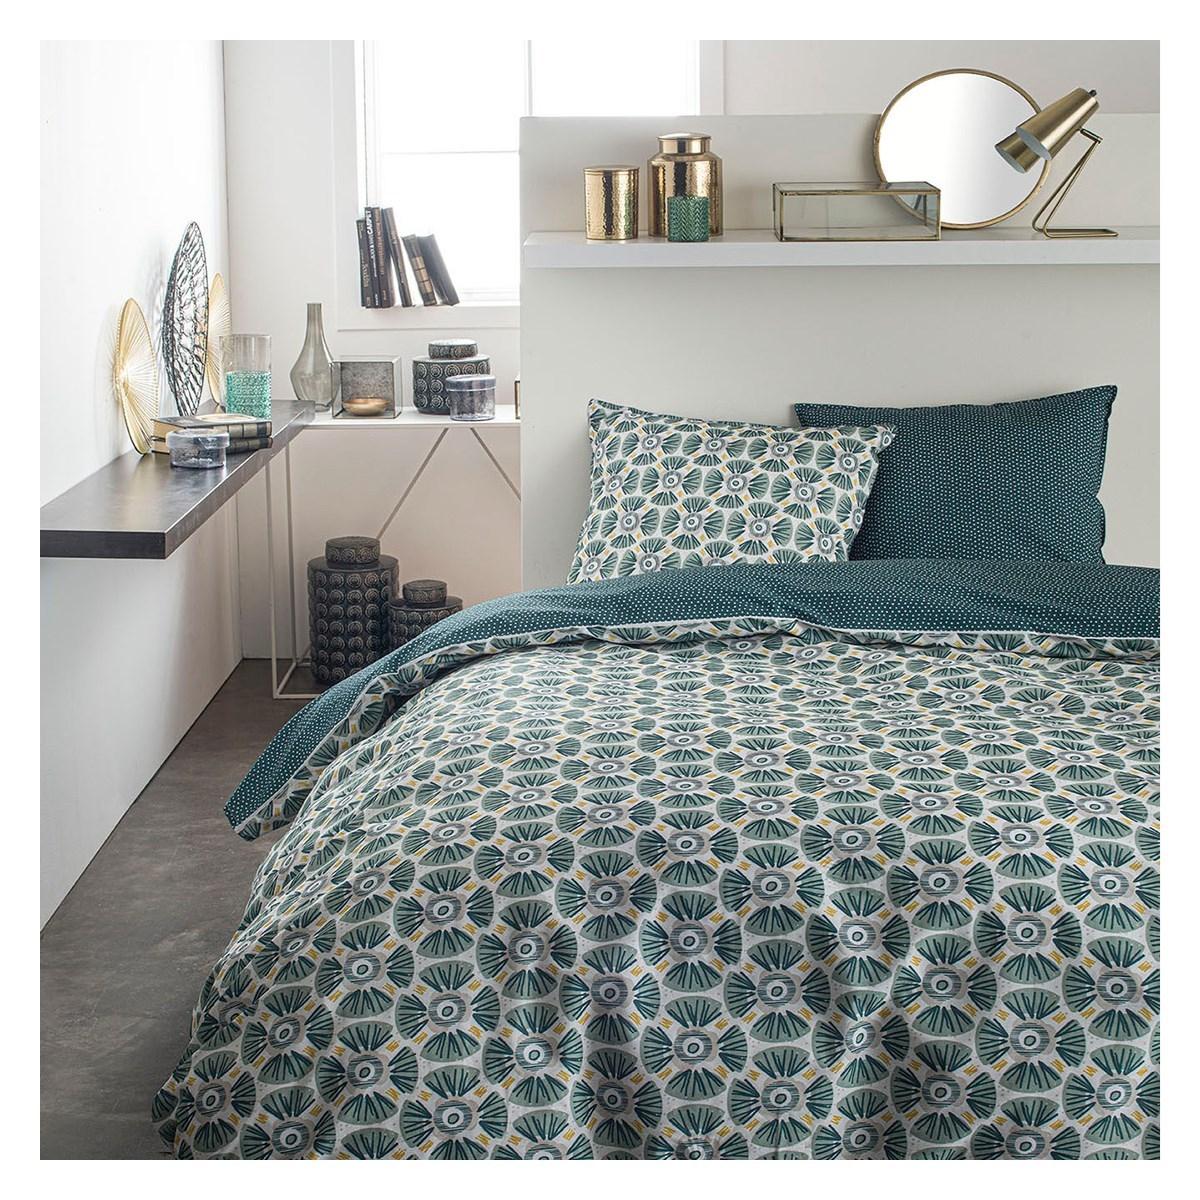 Parure de lit 2 personnes imprimé en Coton Vert 220x240 cm